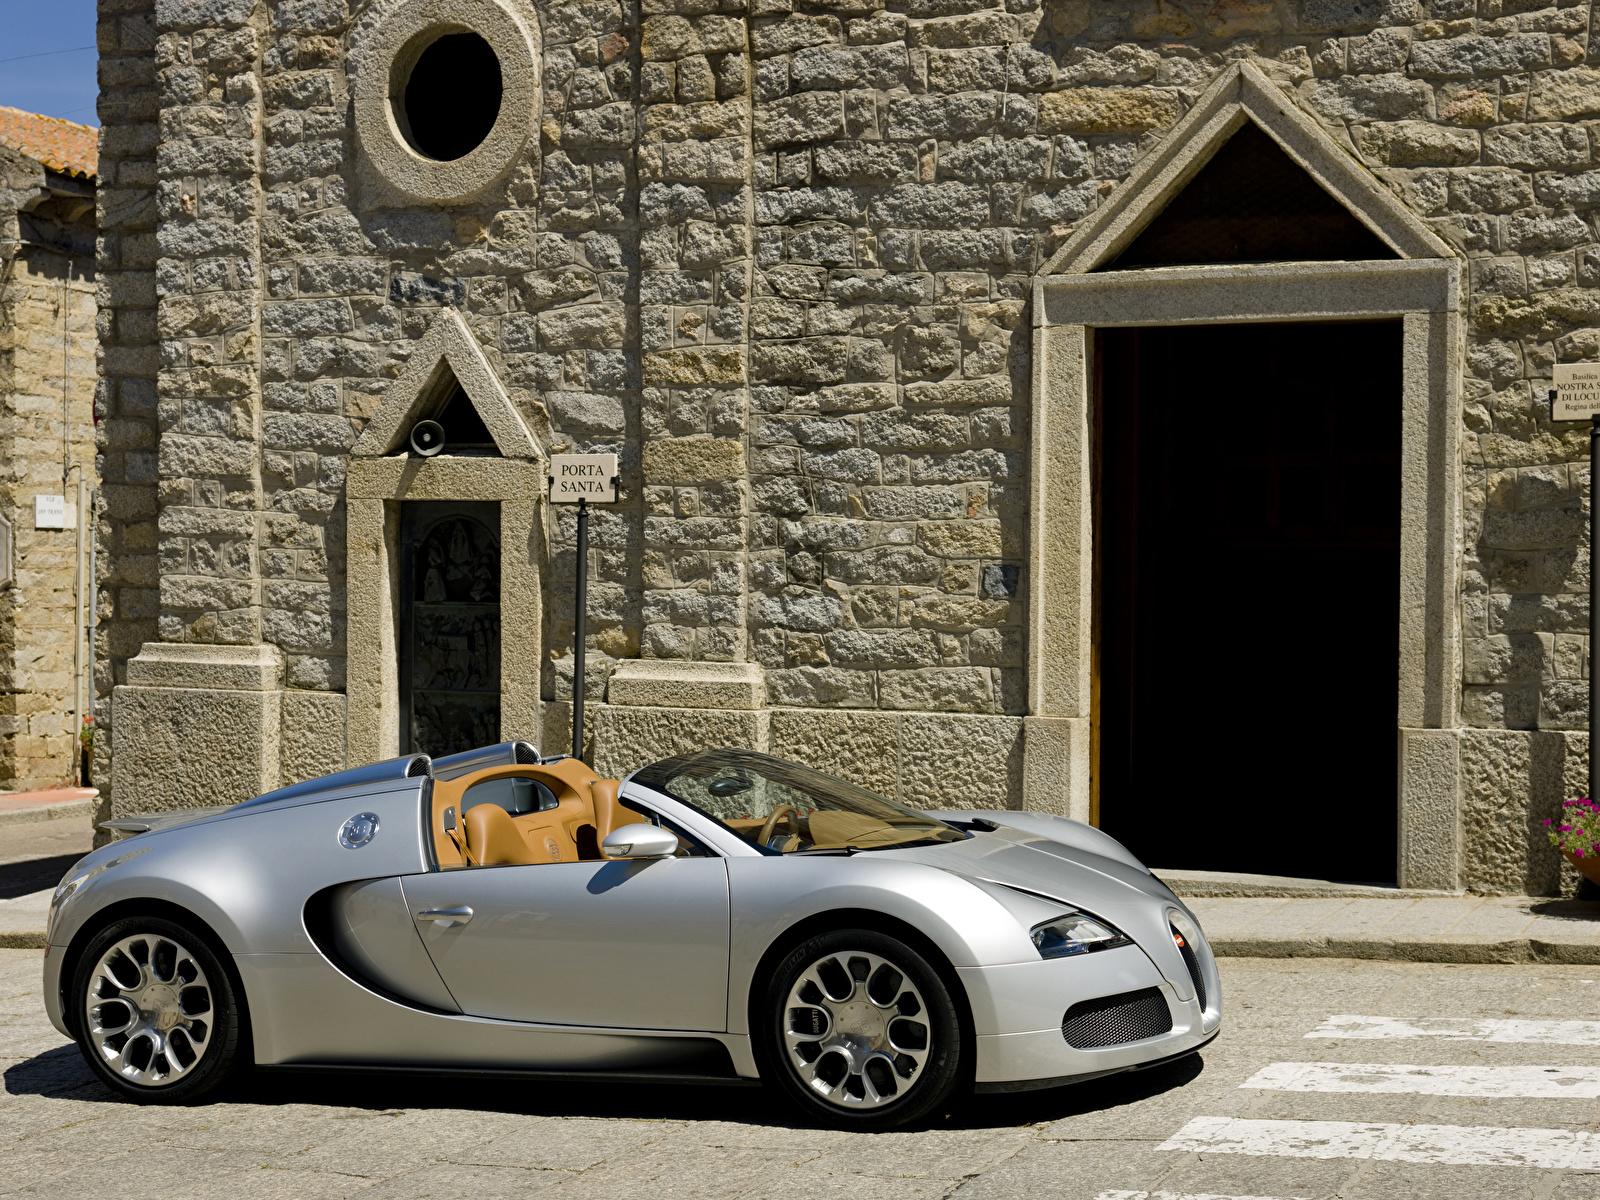 Обои для рабочего стола BUGATTI 2009 Veyron 16.4 Grand Sport Родстер серебряный автомобиль 1600x1200 серебряная серебристая Серебристый авто машина машины Автомобили